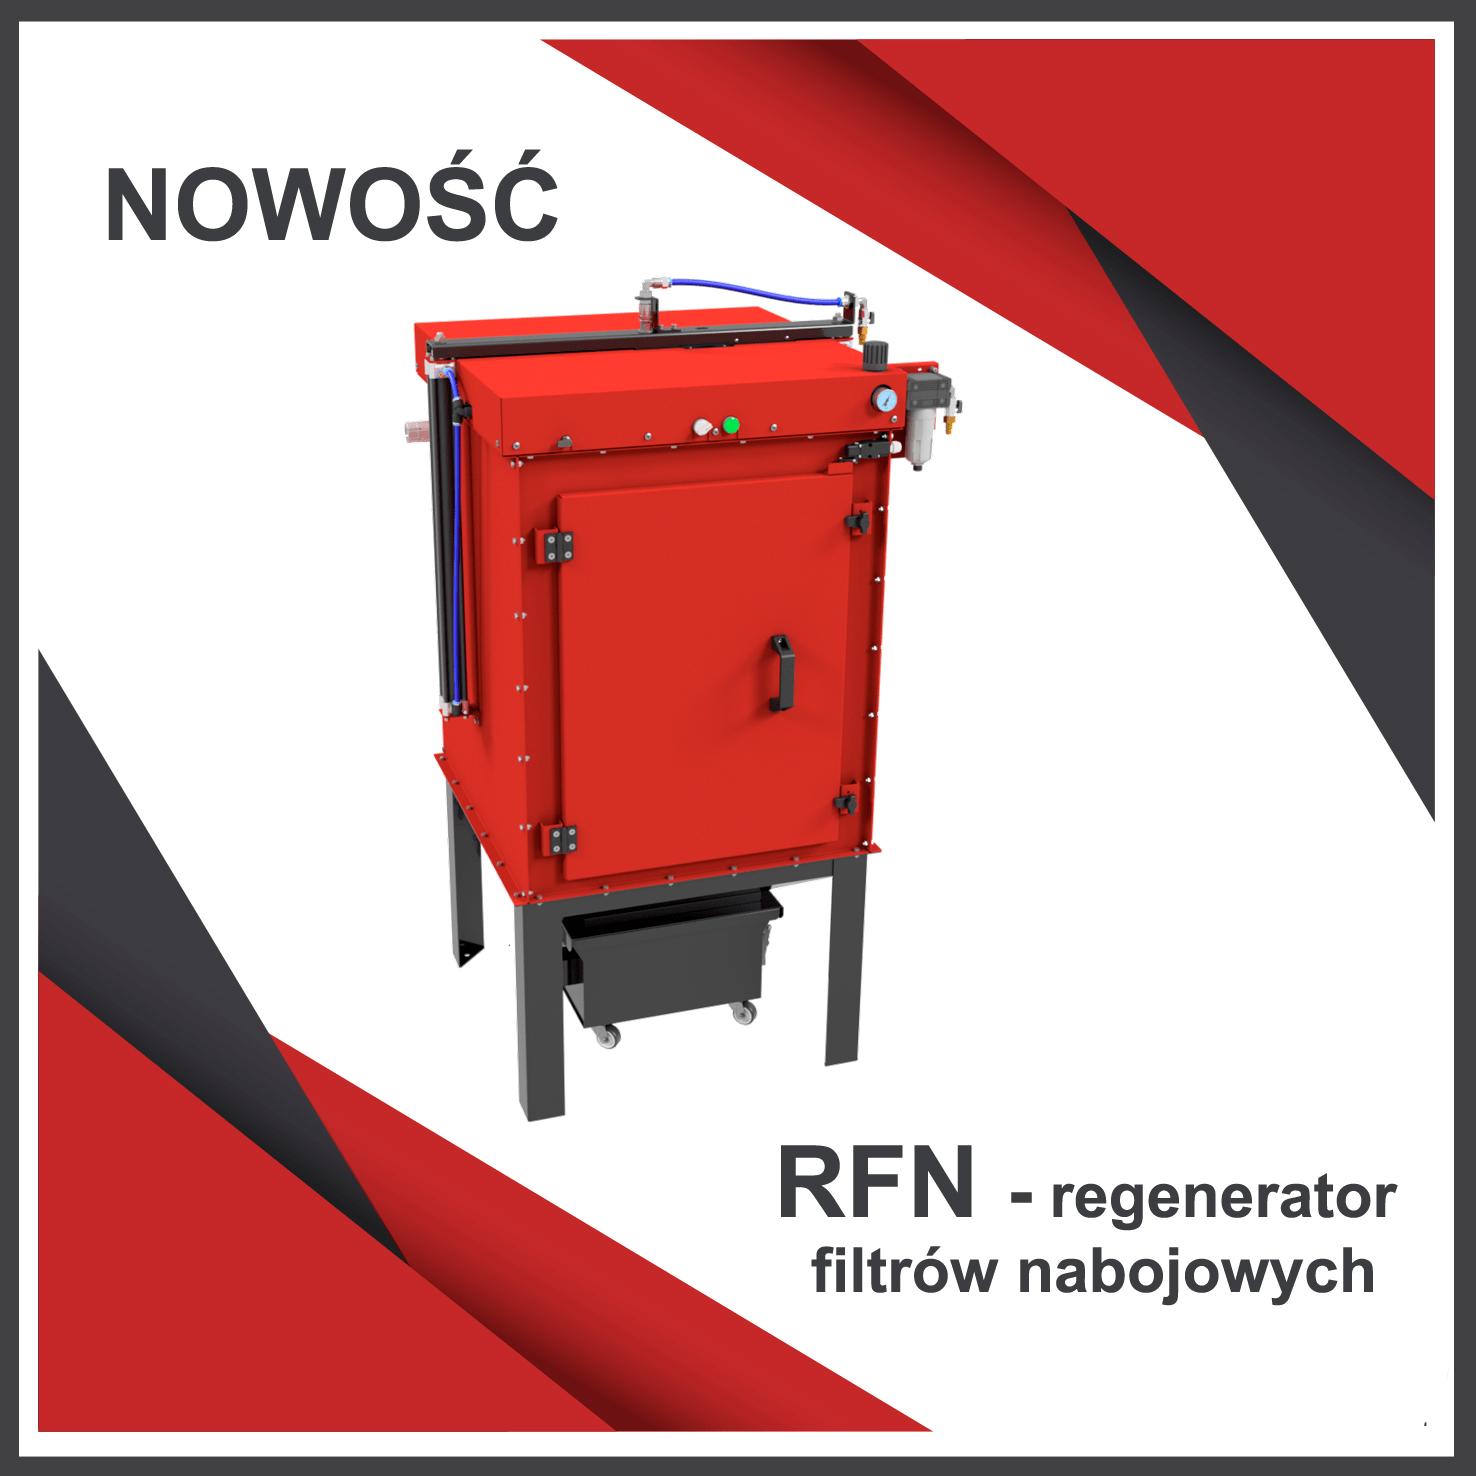 Nowość regenerator filtrów nabojowych